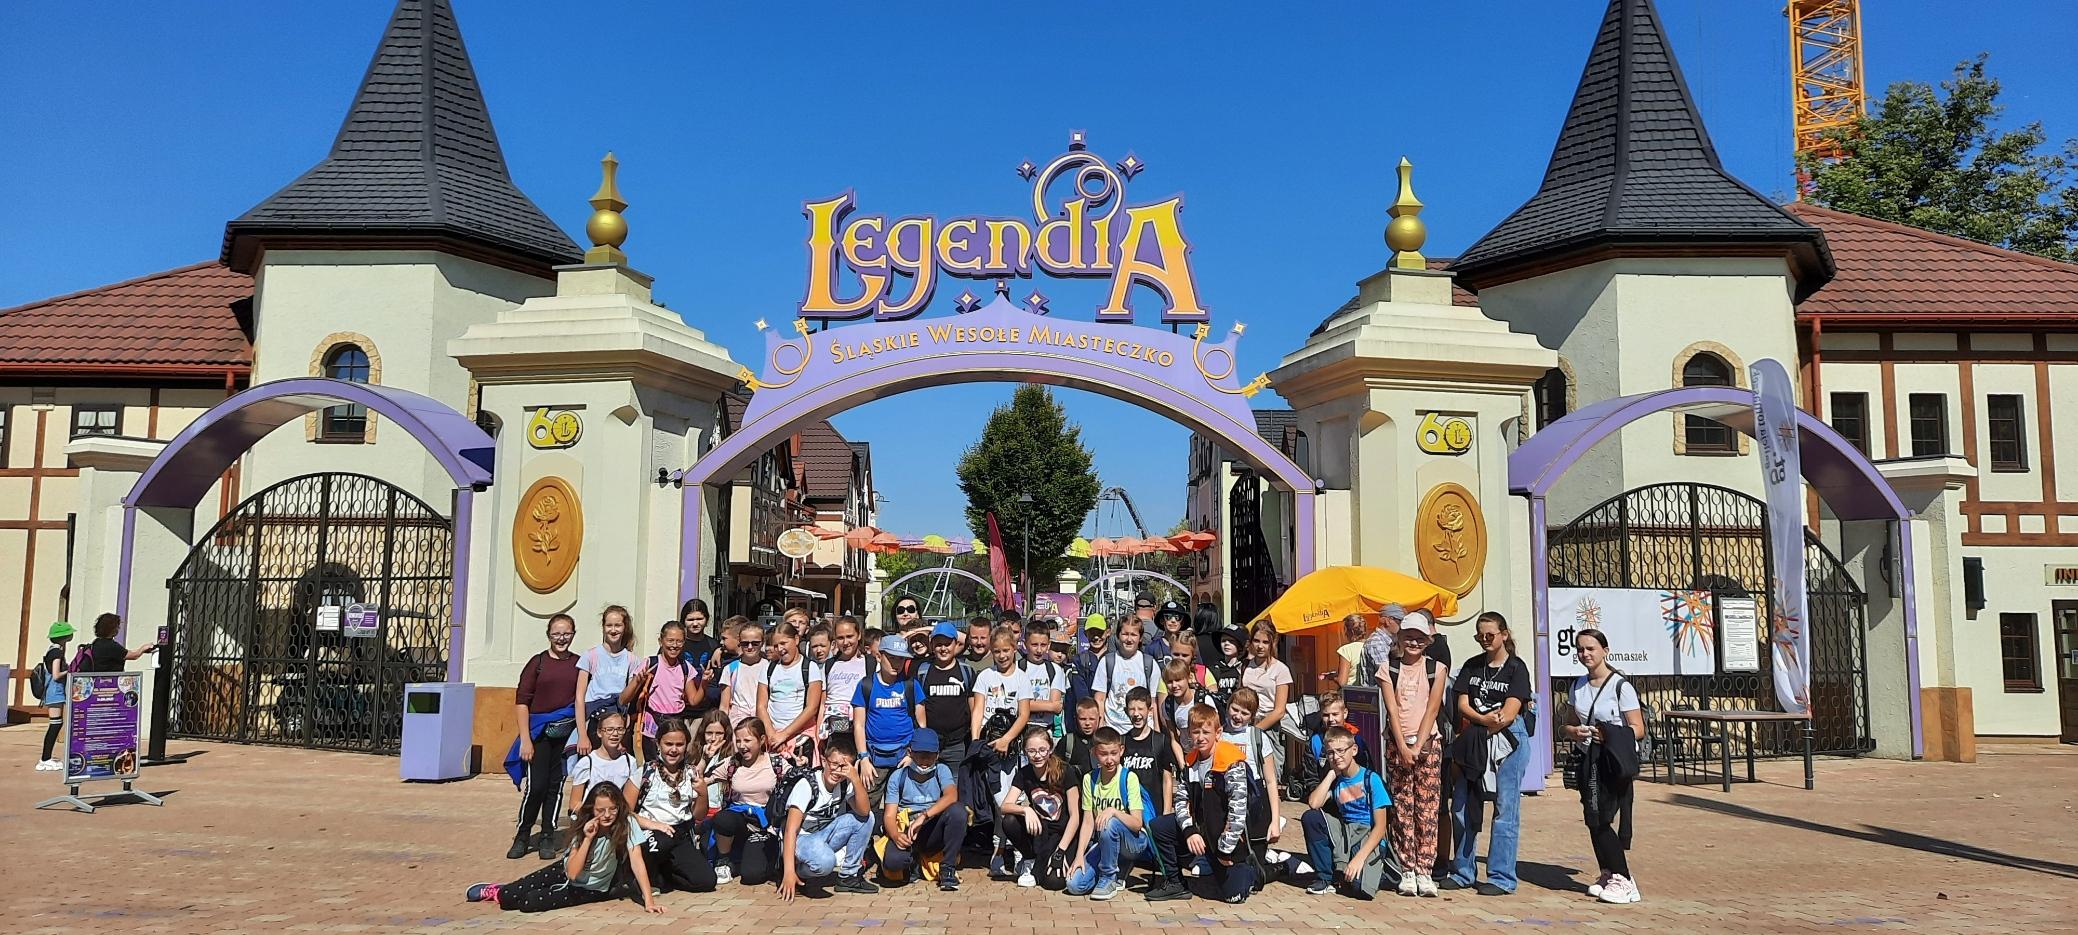 legendia10